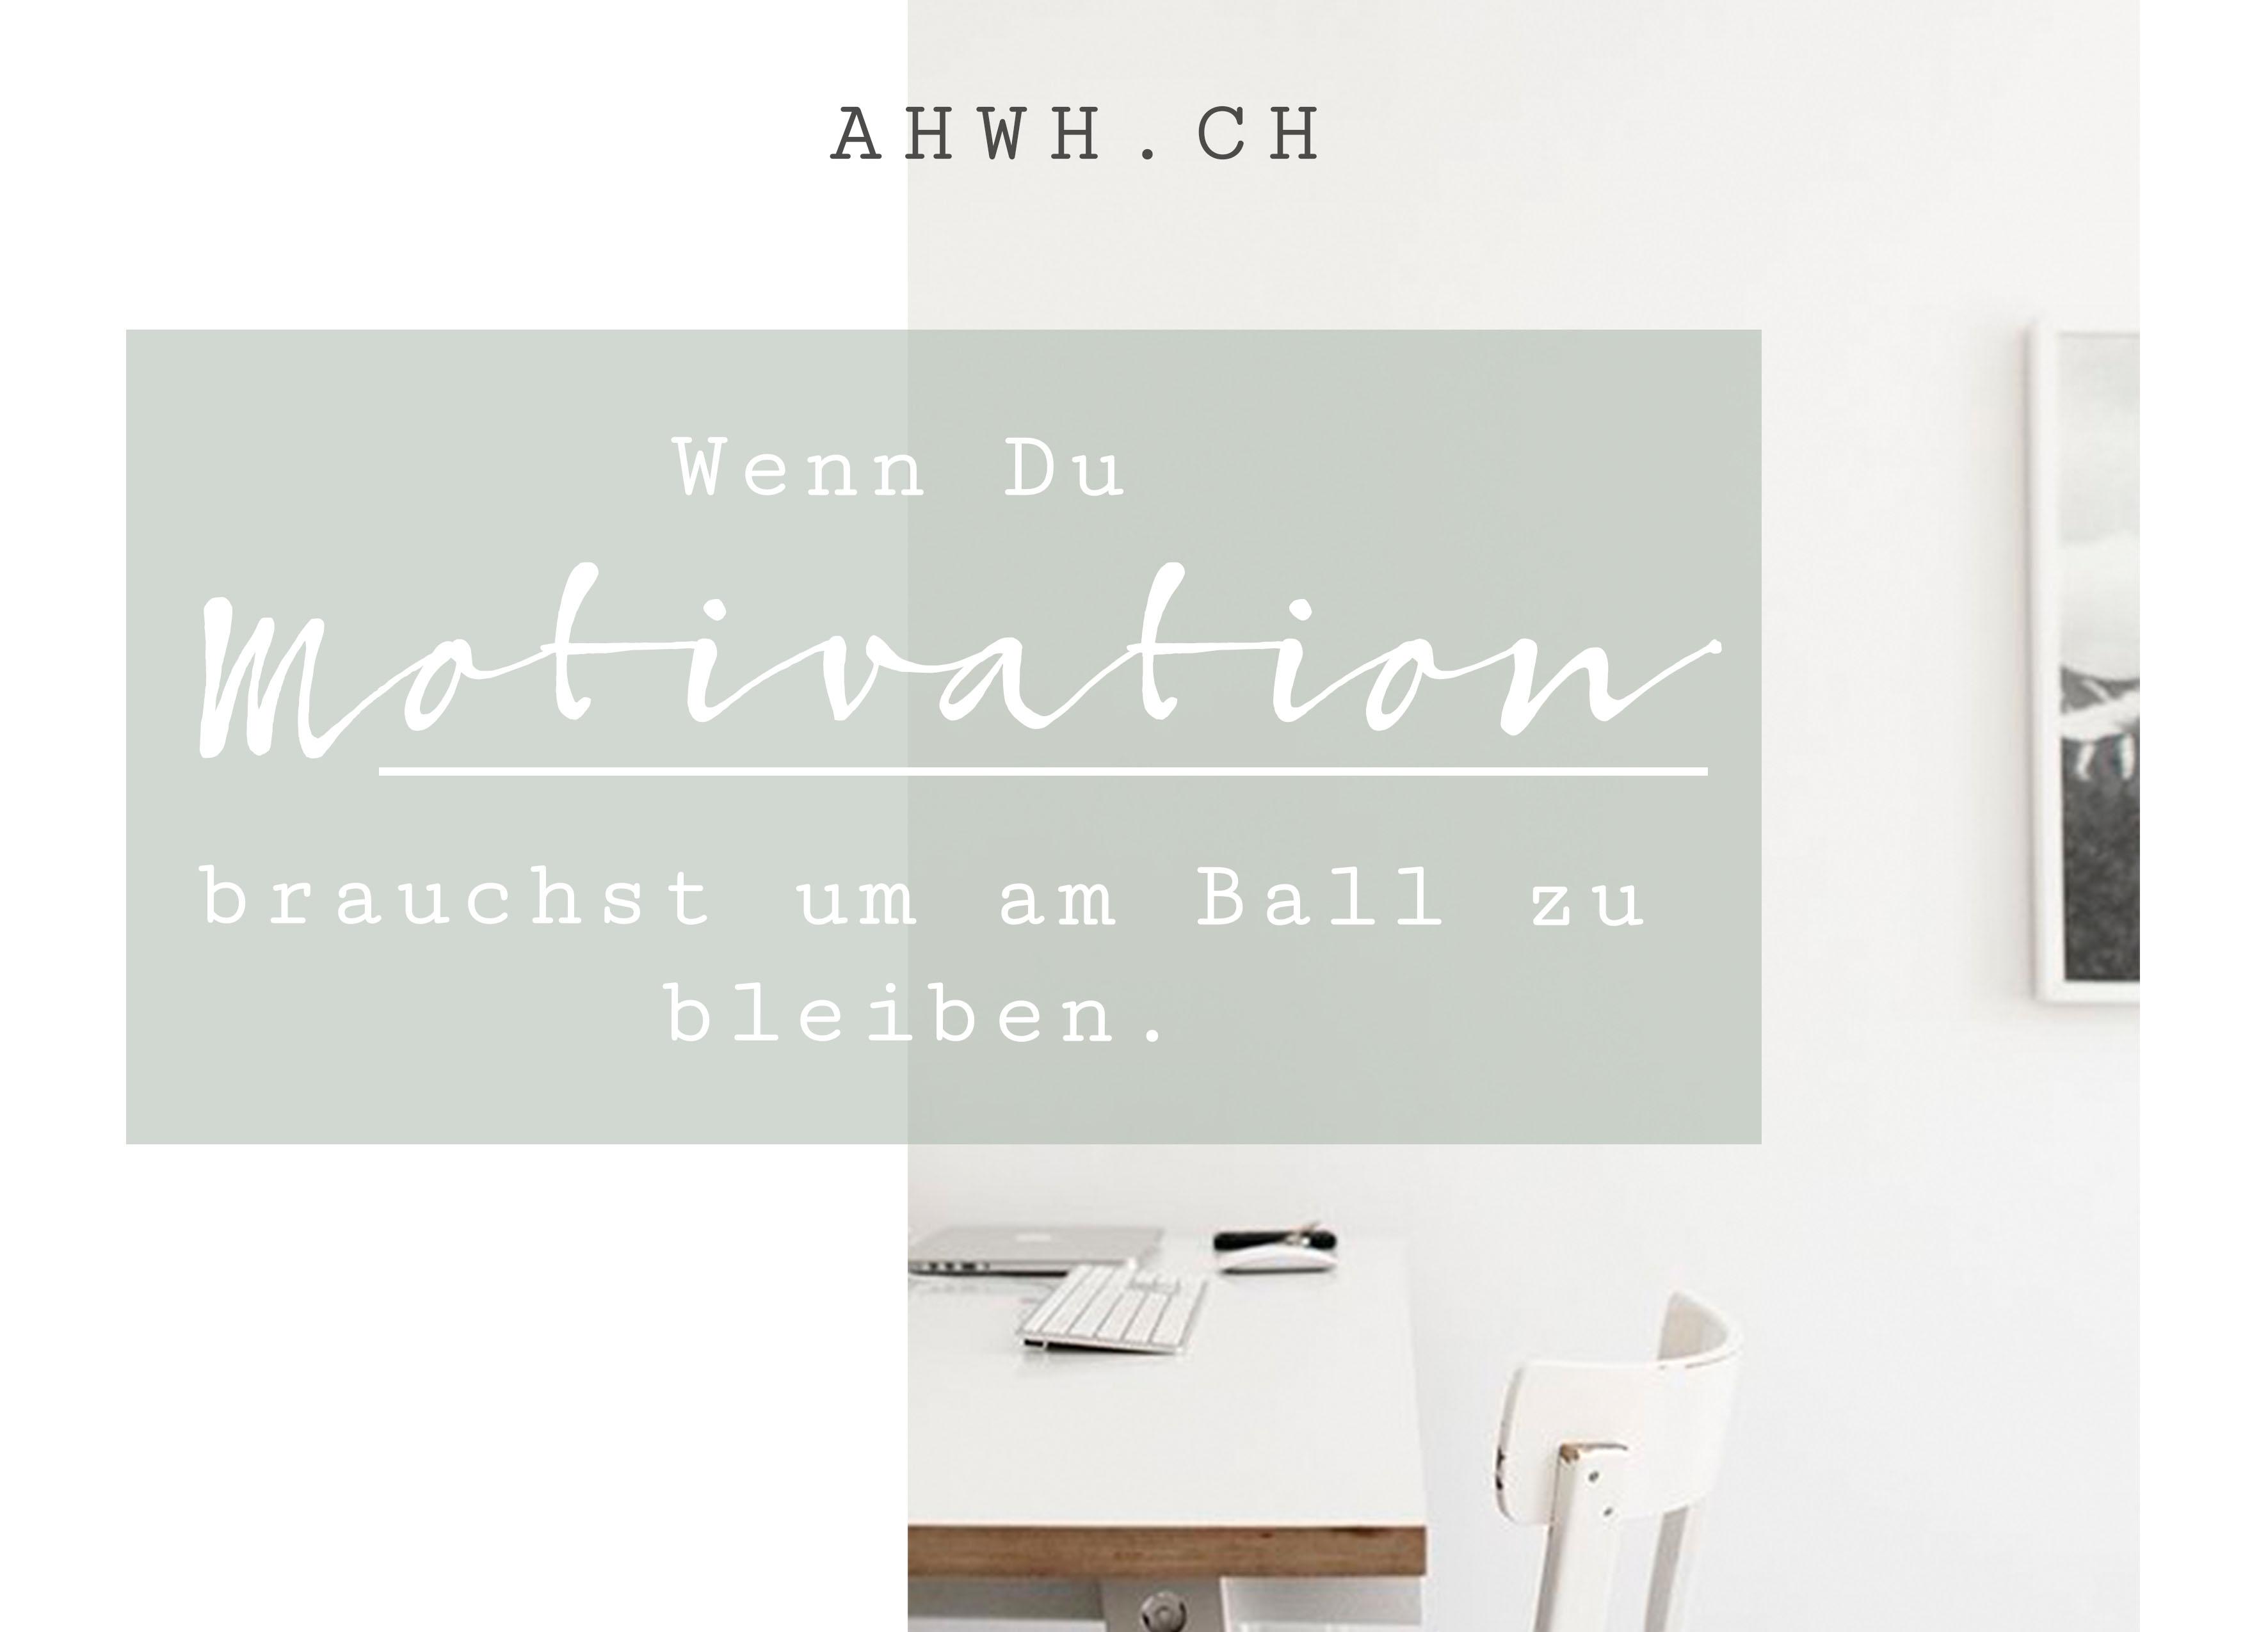 Solltest Du grad kurz davor sein aufzugeben: bleib am Ball! Blogpost von AHWH.CH